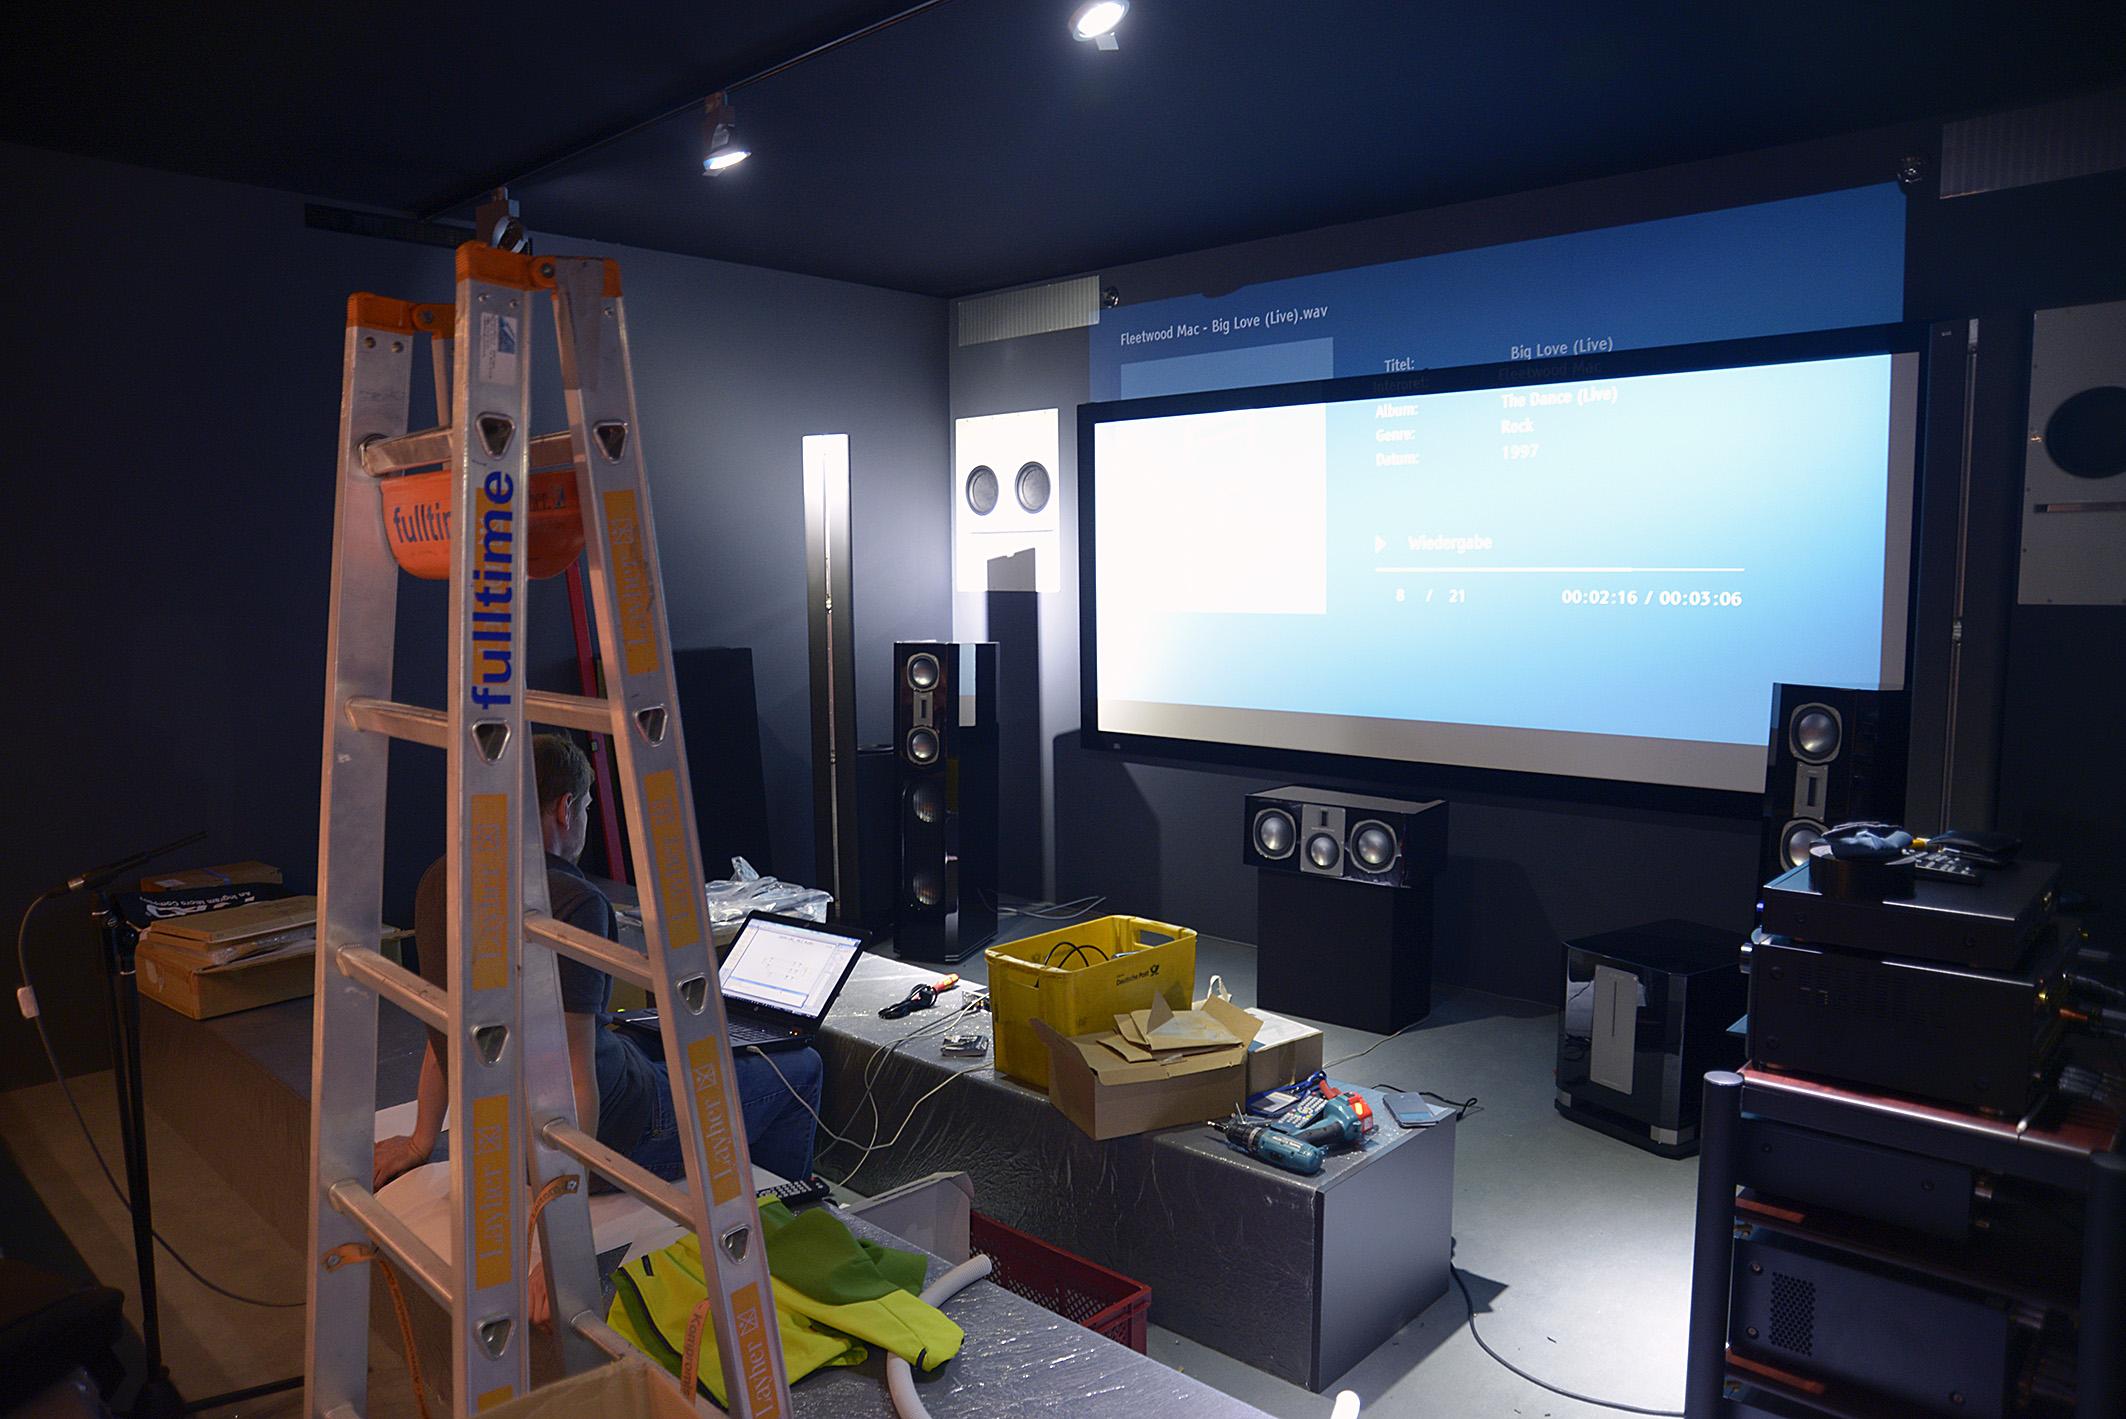 Foto: Michael B. Rehders Um 18:30 Uhr immer noch eine Baustelle. Das IFA-KINO von JVC. Die Leinwand hängt etwas zu niedrig, aber die von Cinemike getunten Vulcan spielen schon beeindruckend auf.